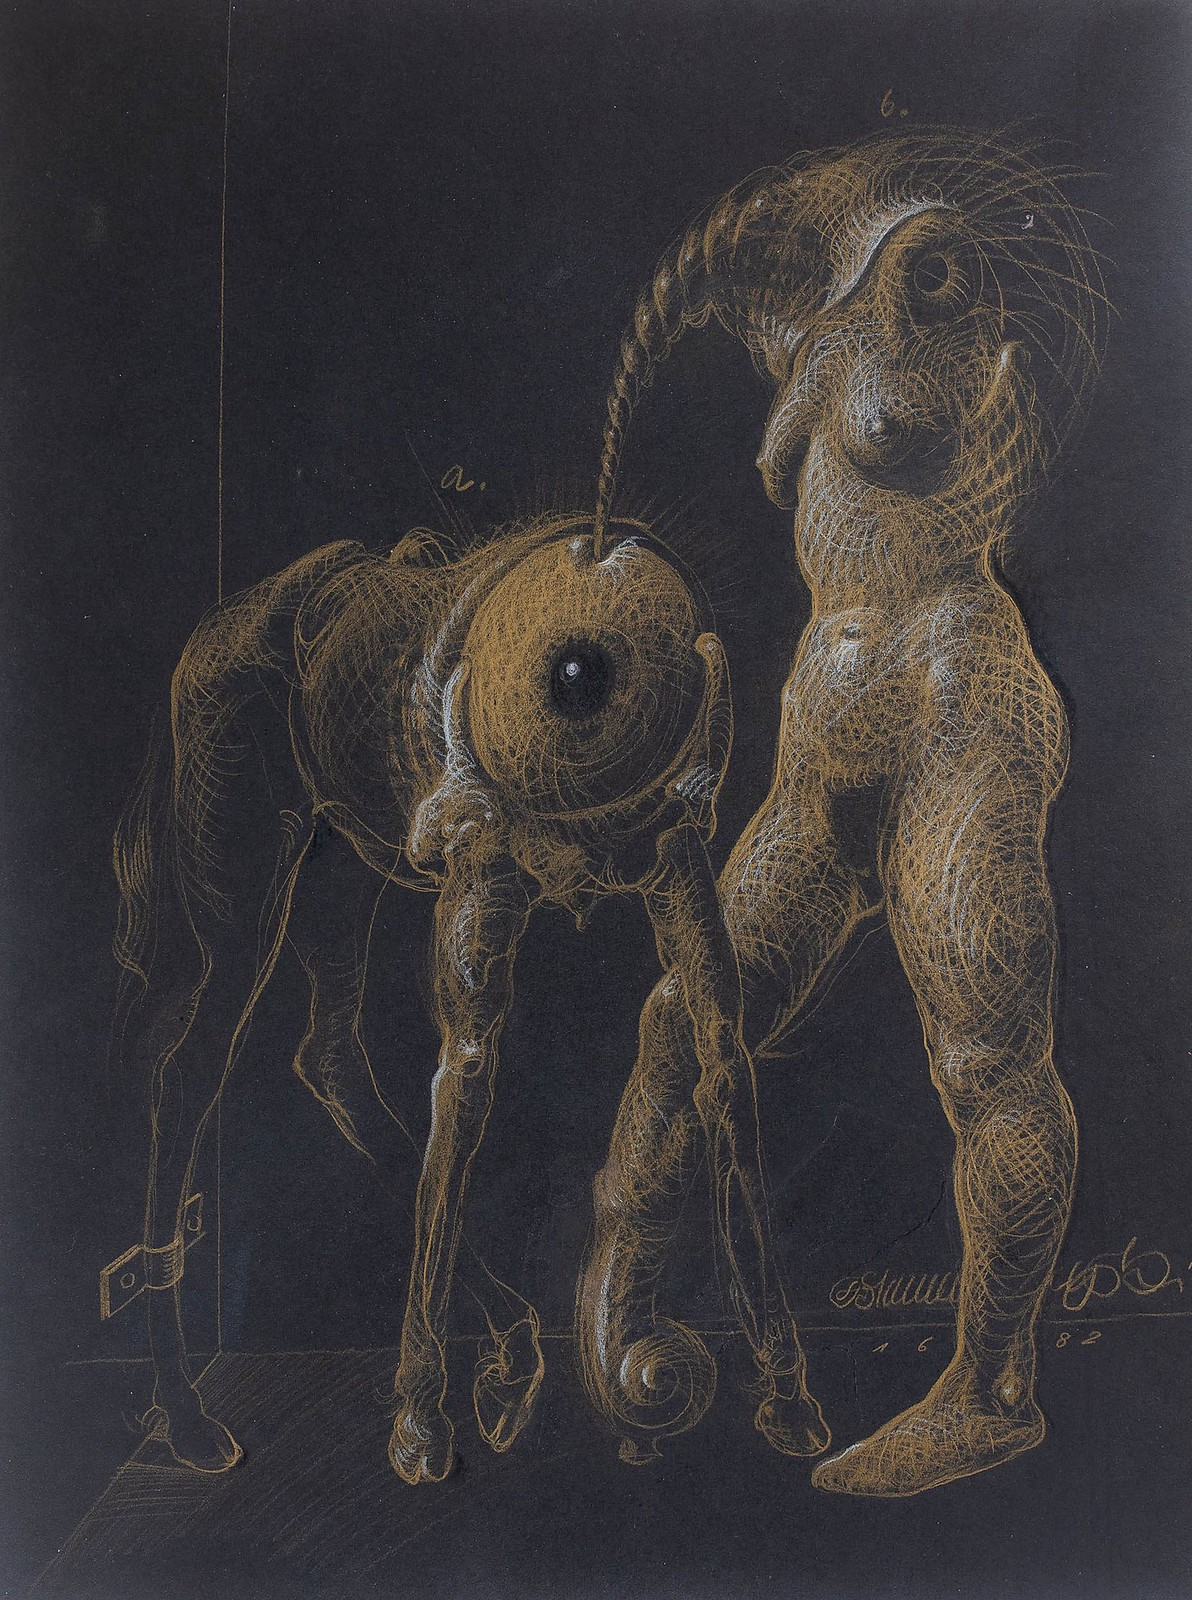 Franciszek Starowieyski - Untitled, 1982